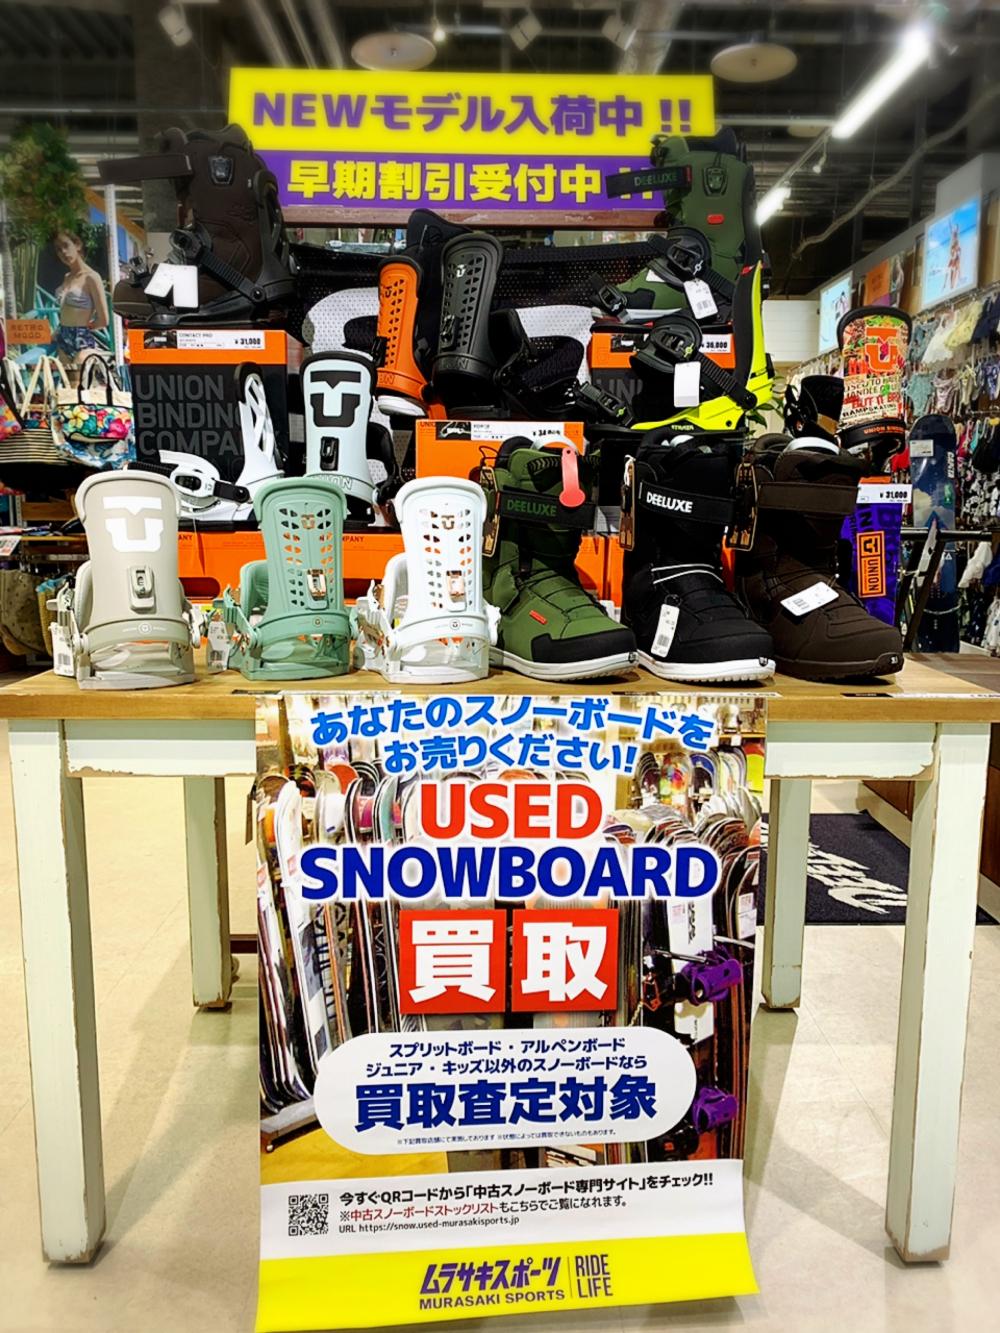 スノーボード中古買取始めました!